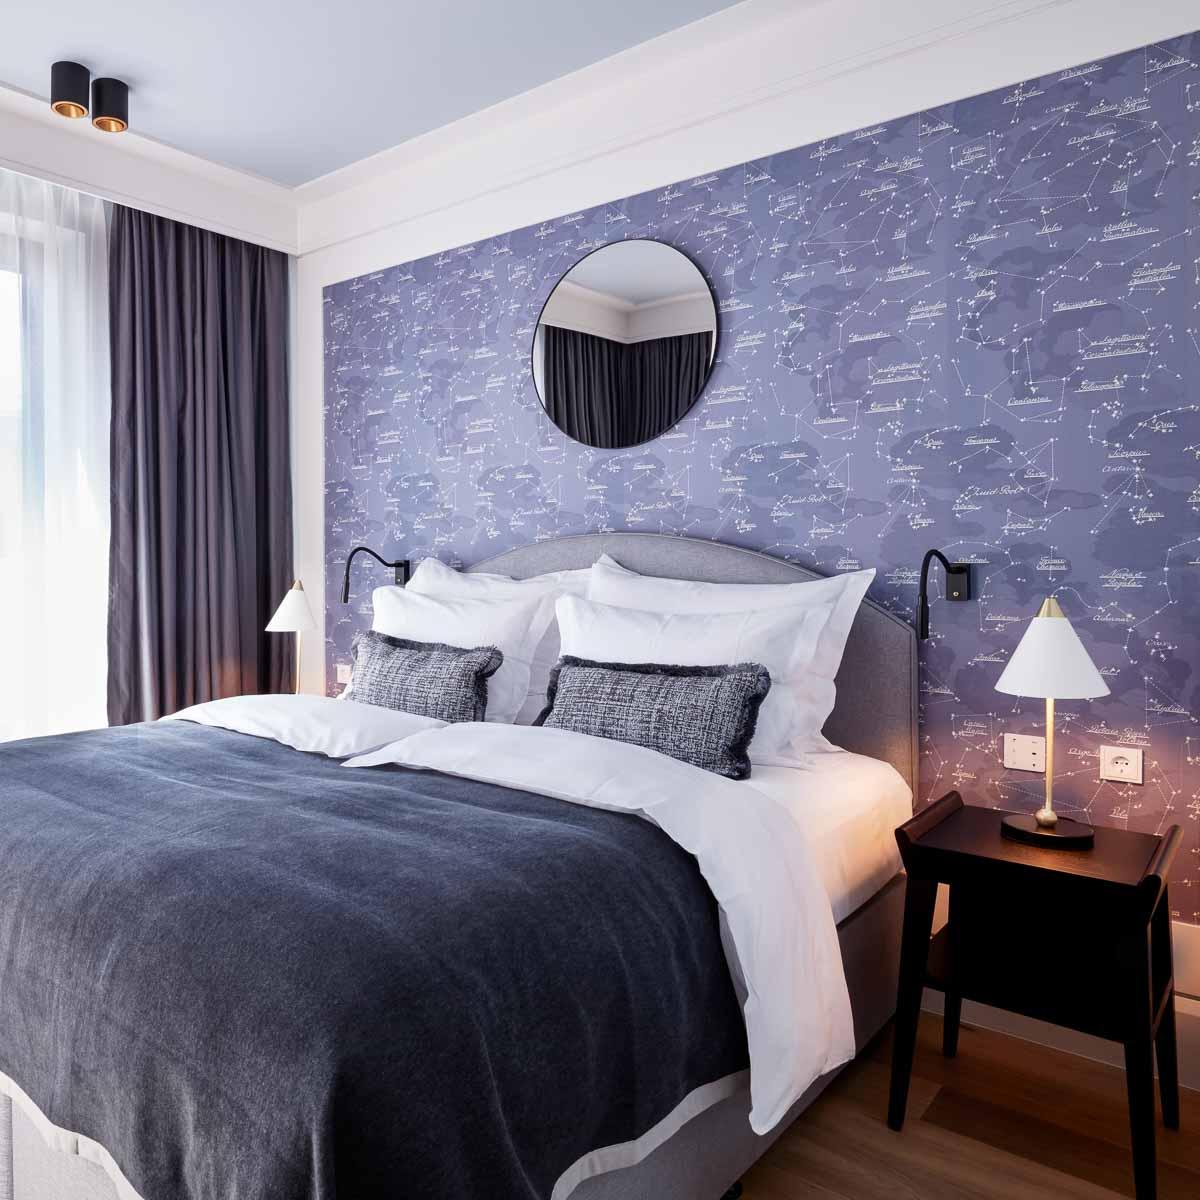 Tortue luxuriöses Designhotel im Zentrum von Hamburg-6